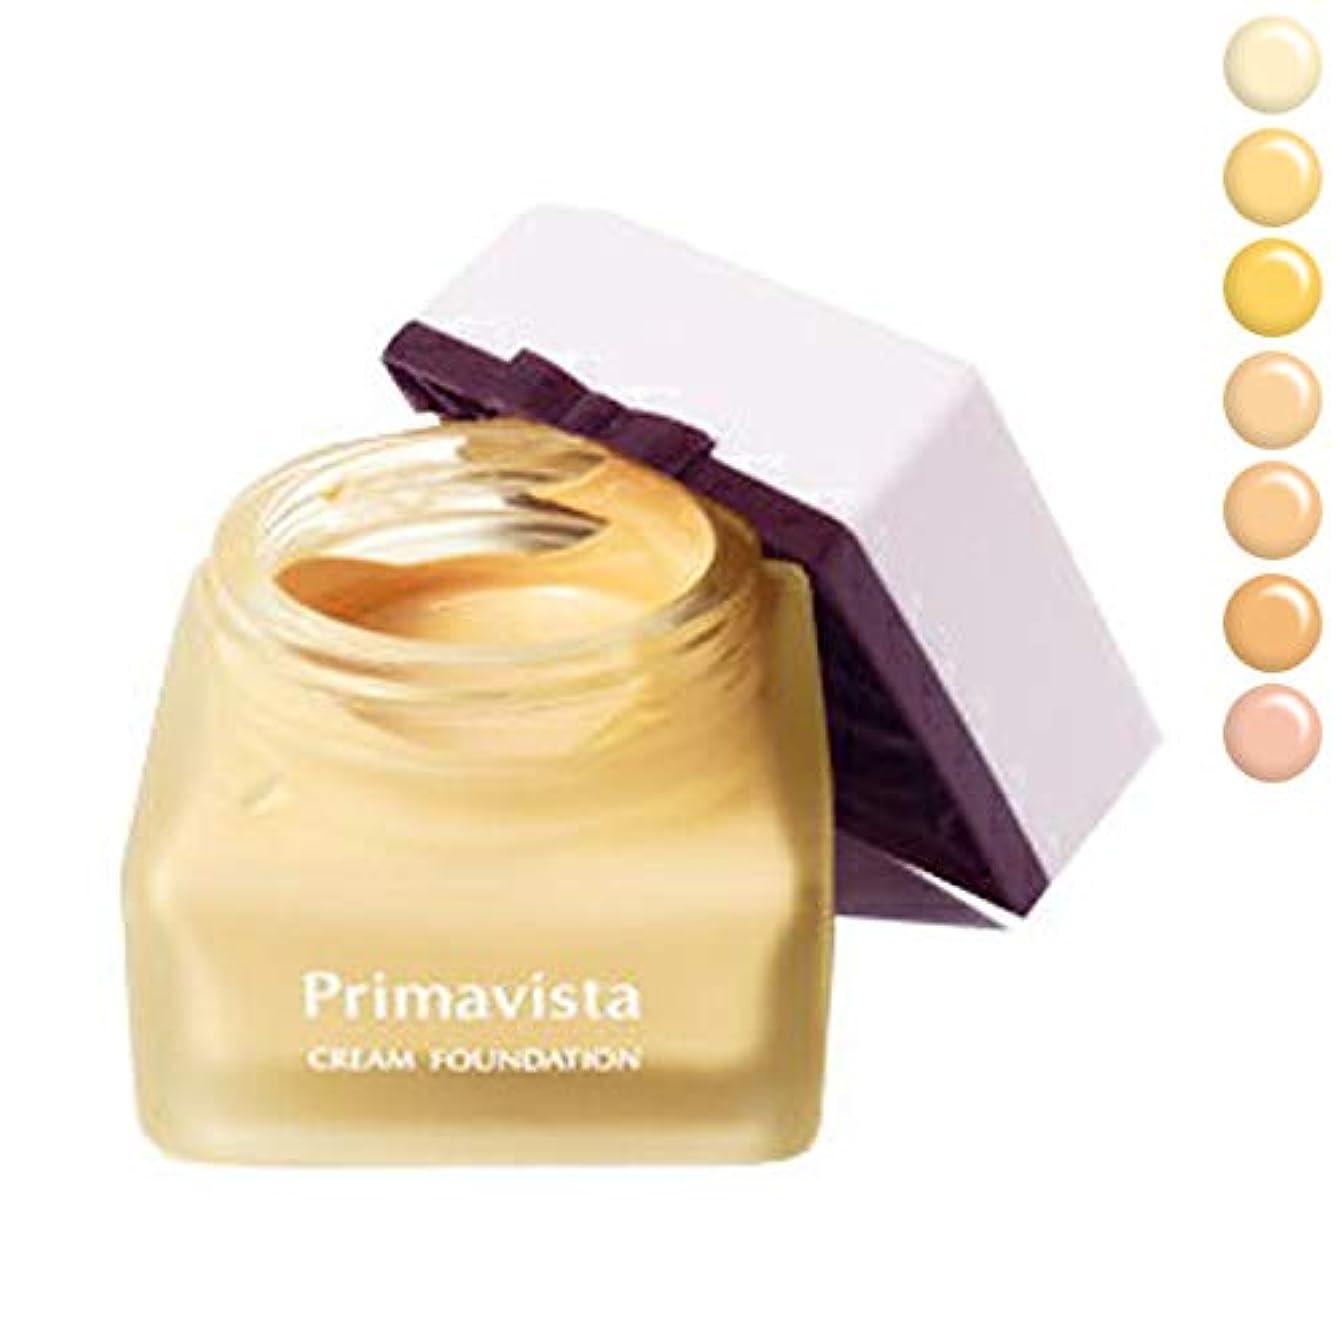 絞るチョコレート一節花王 ソフィーナ プリマヴィスタ クリーム ファンデーション SPF15 PA++ 30g ベージュオークル03 (在庫)